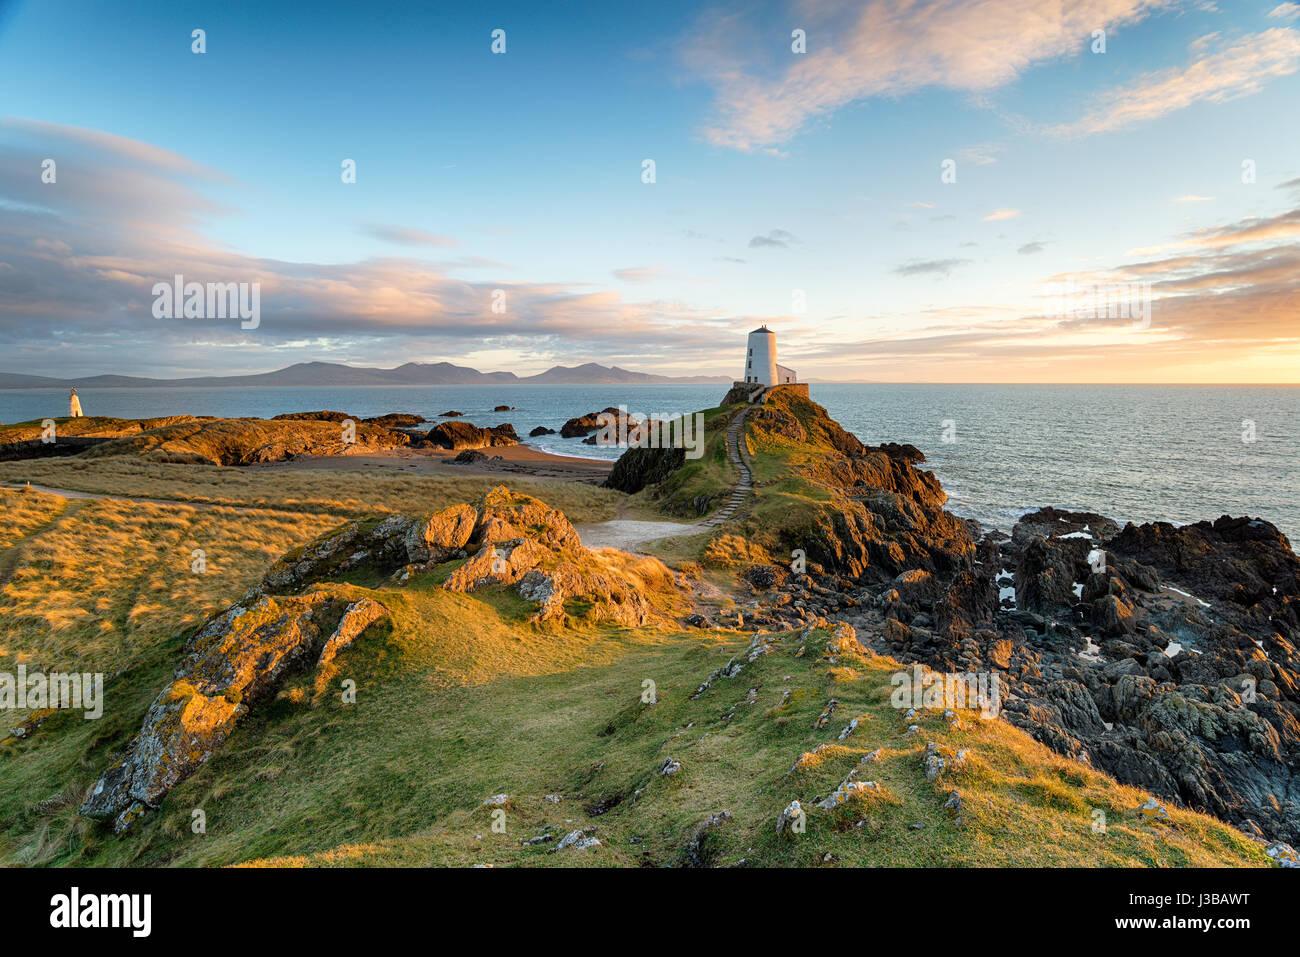 Le phare sur la magnifique île de Llanddyn Anglesy sur la côte du Pays de Galles Photo Stock